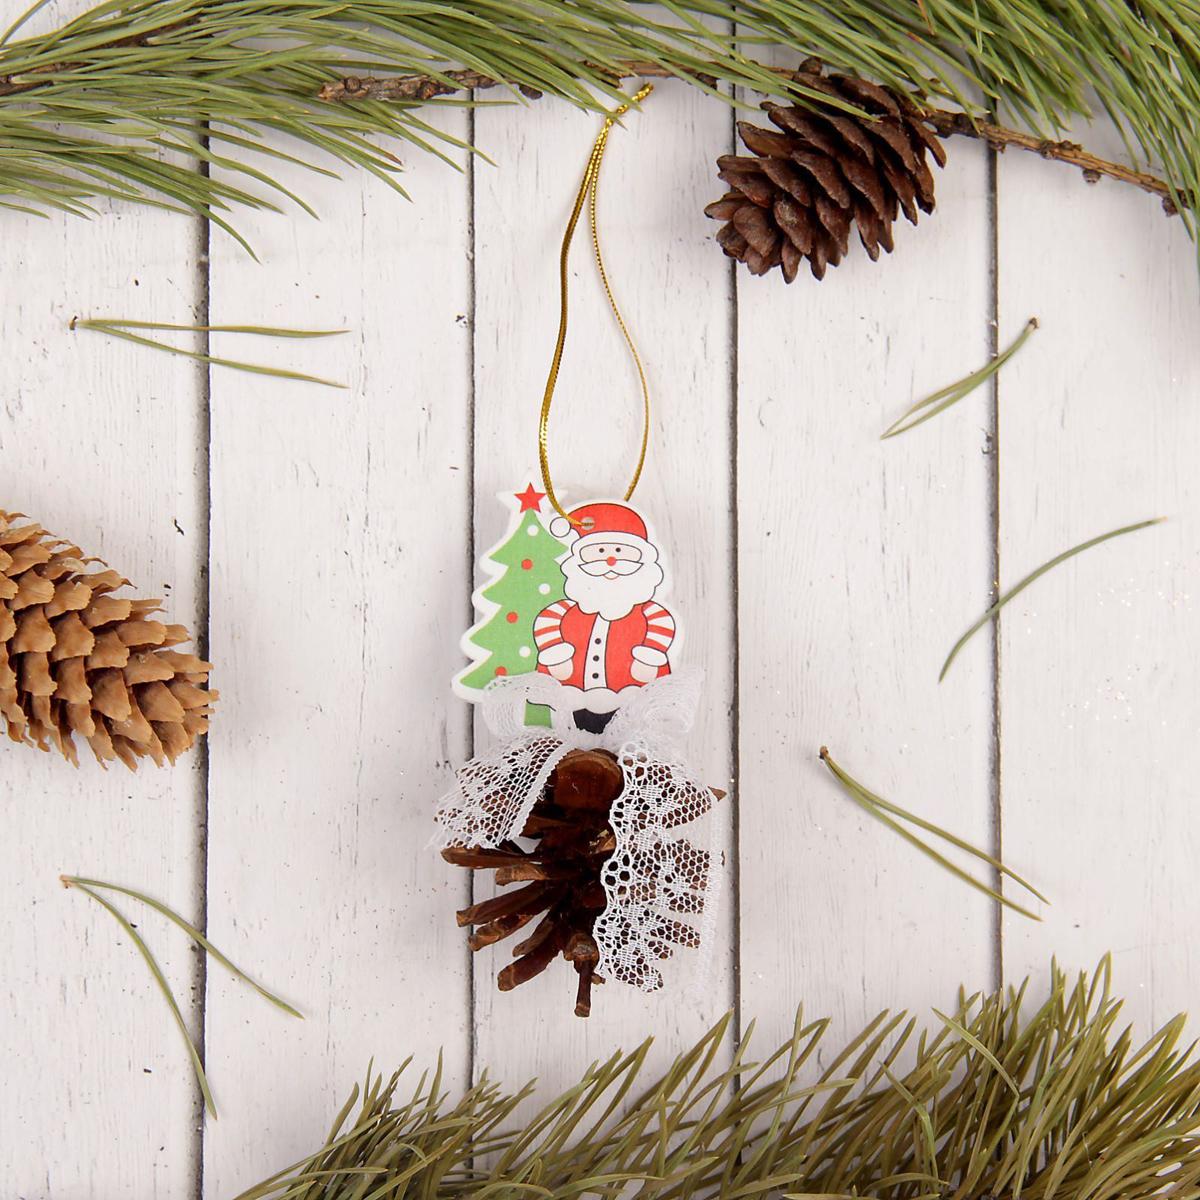 Украшение новогоднее подвесное Sima-land Дед мороз, с шишкой, 10 см х 4,5 см х 4,5 см новогоднее подвесное украшение sima land дед мороз колокольчик бубенчик 17 5 см